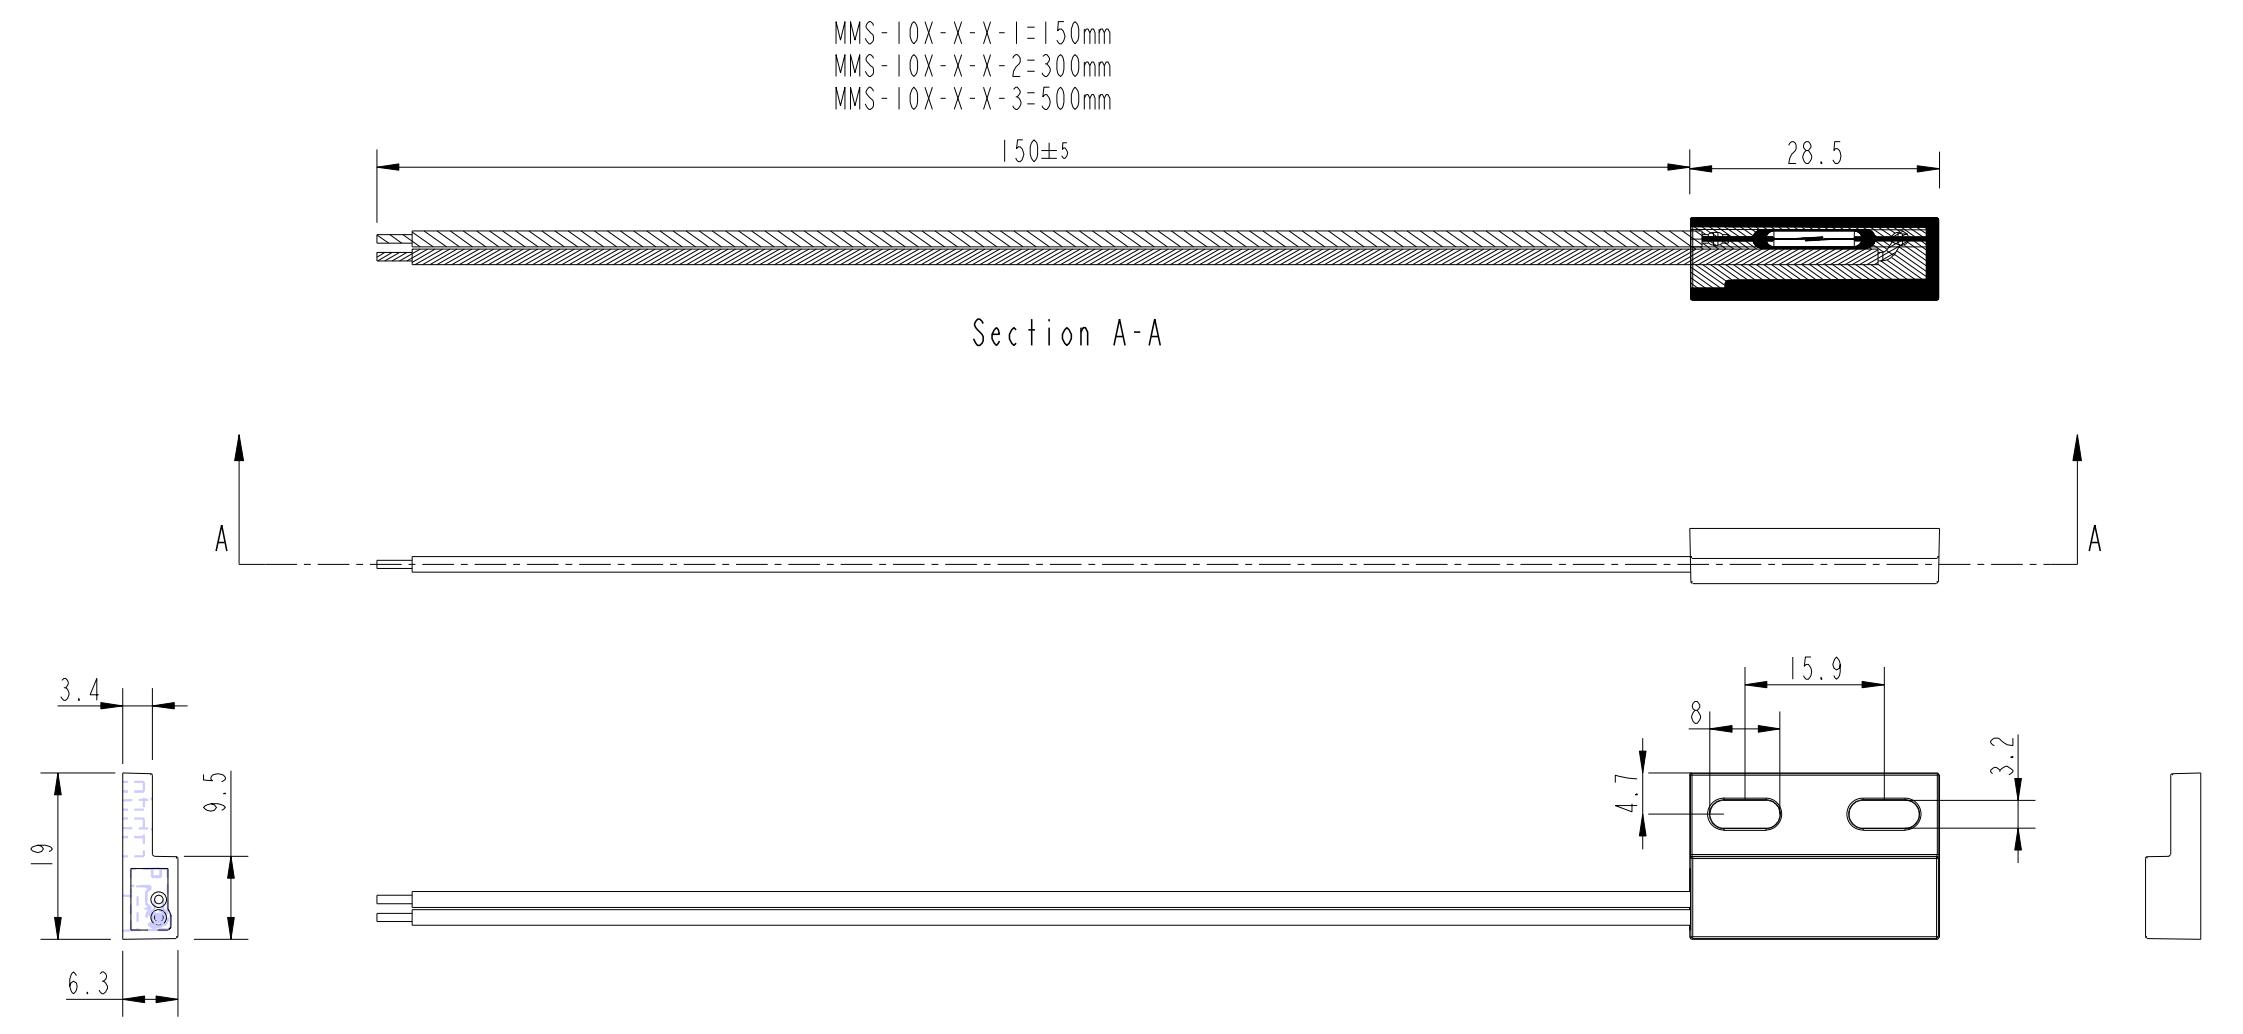 Reedsensor Flange MMS-104